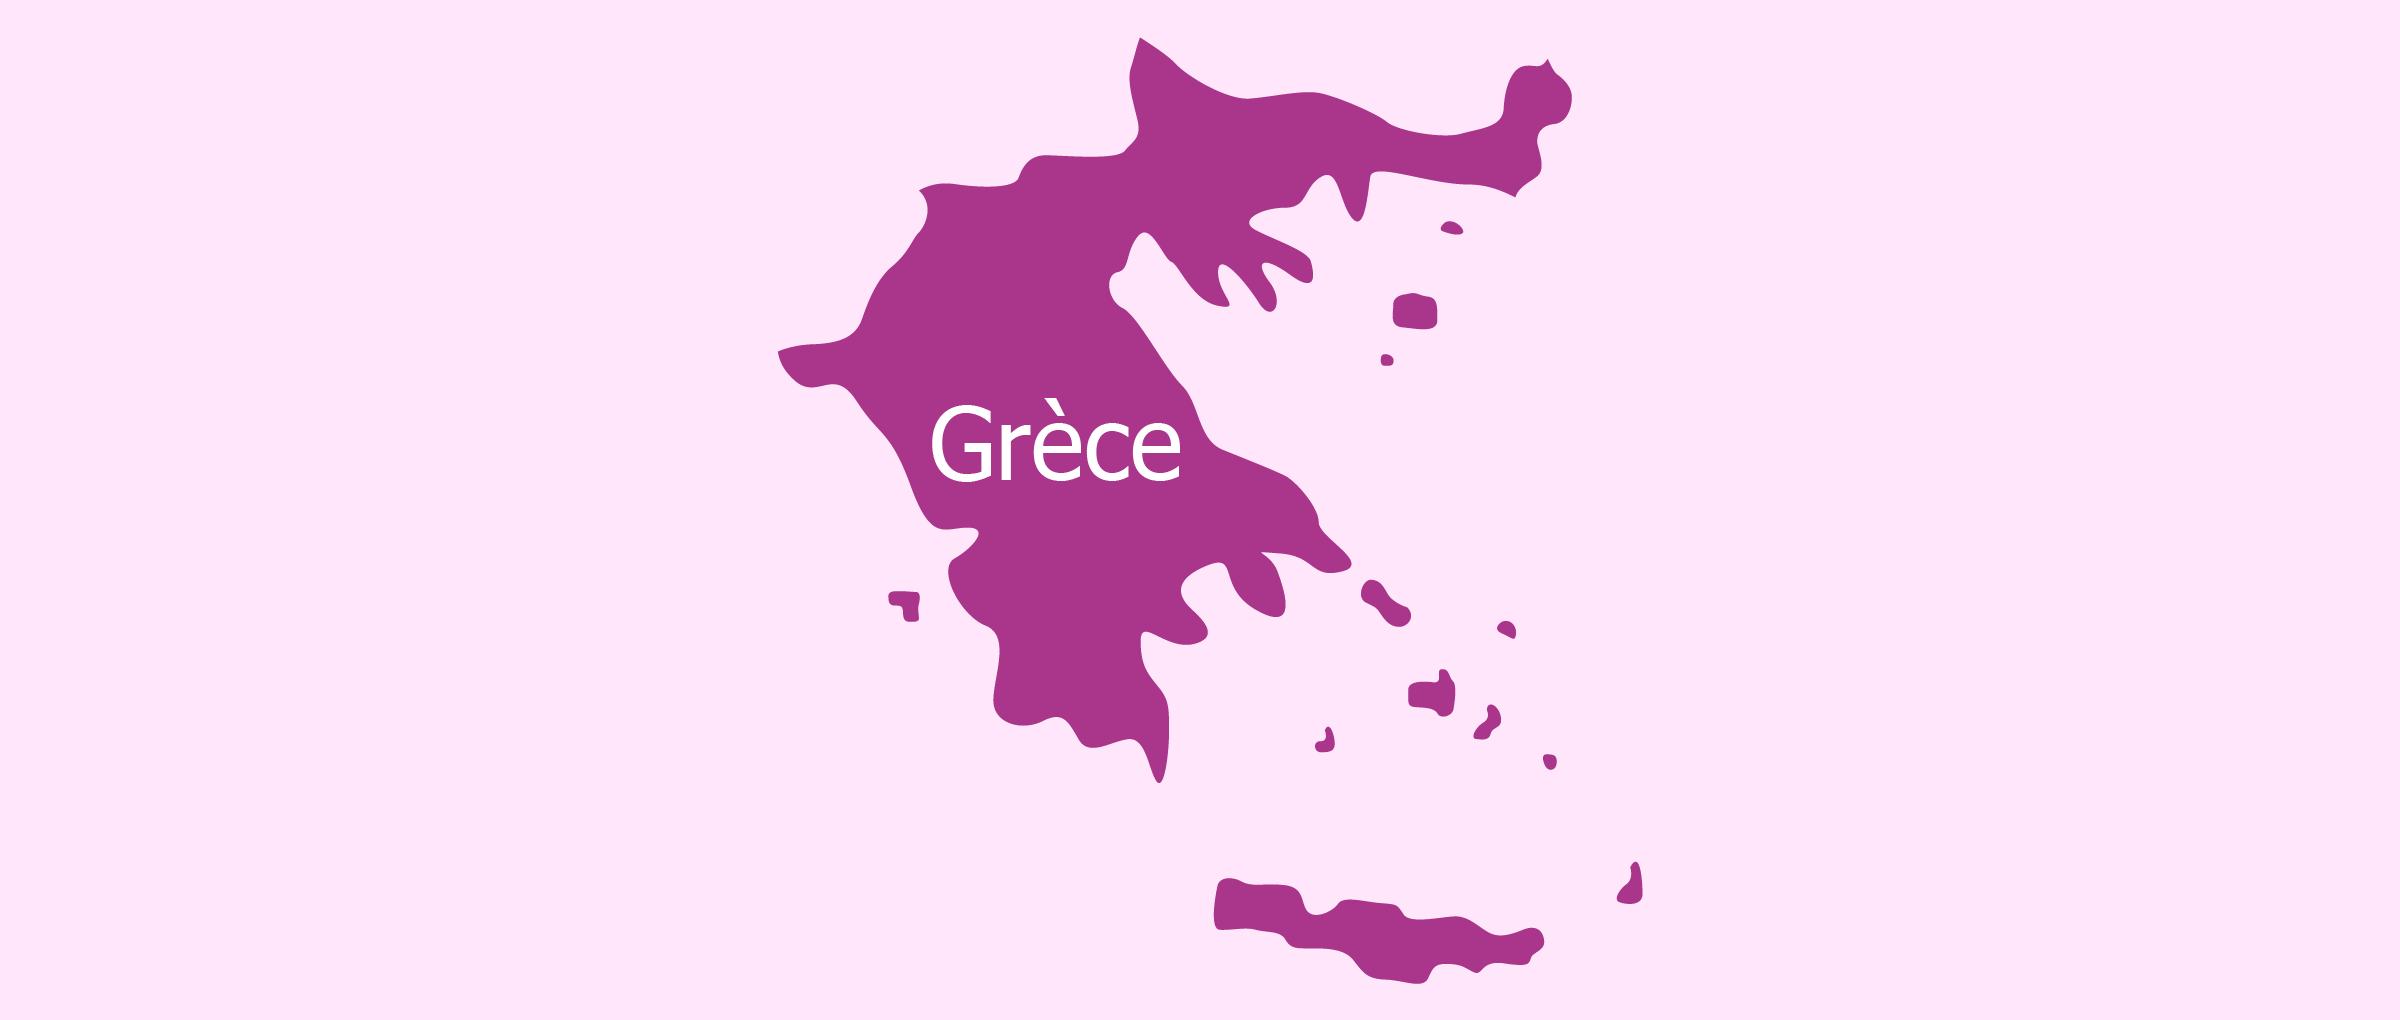 Coût du don d'ovocytes en Grèce